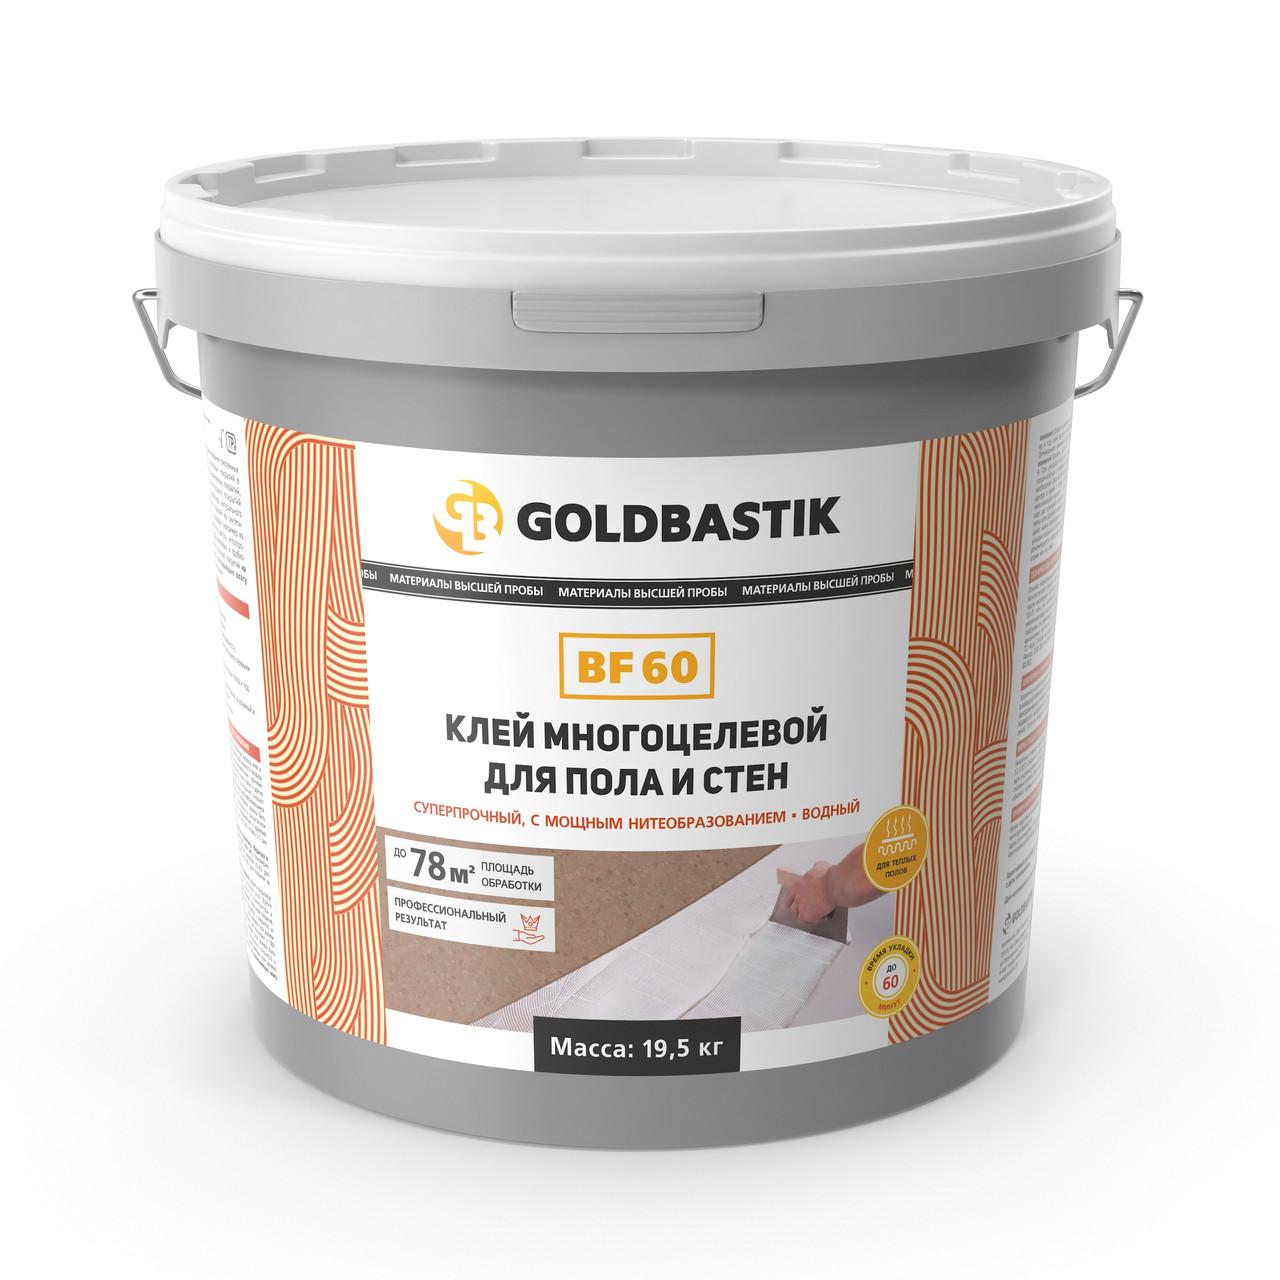 Клей многоцелевой для пола и стен GOLDBASTIK BF 60